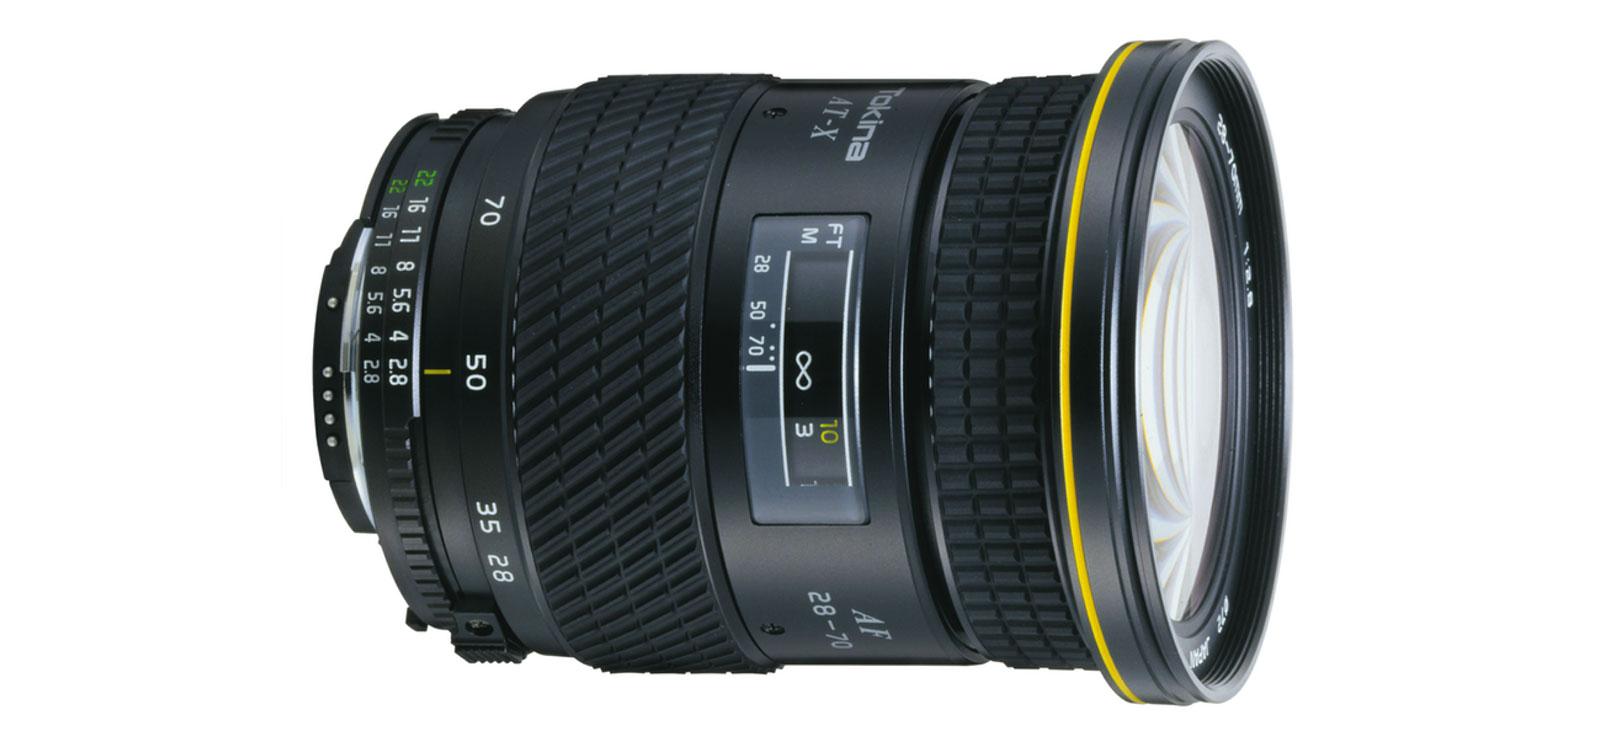 Ống kính Tokina AT-X 270 AF (28-70mm f/2.8)